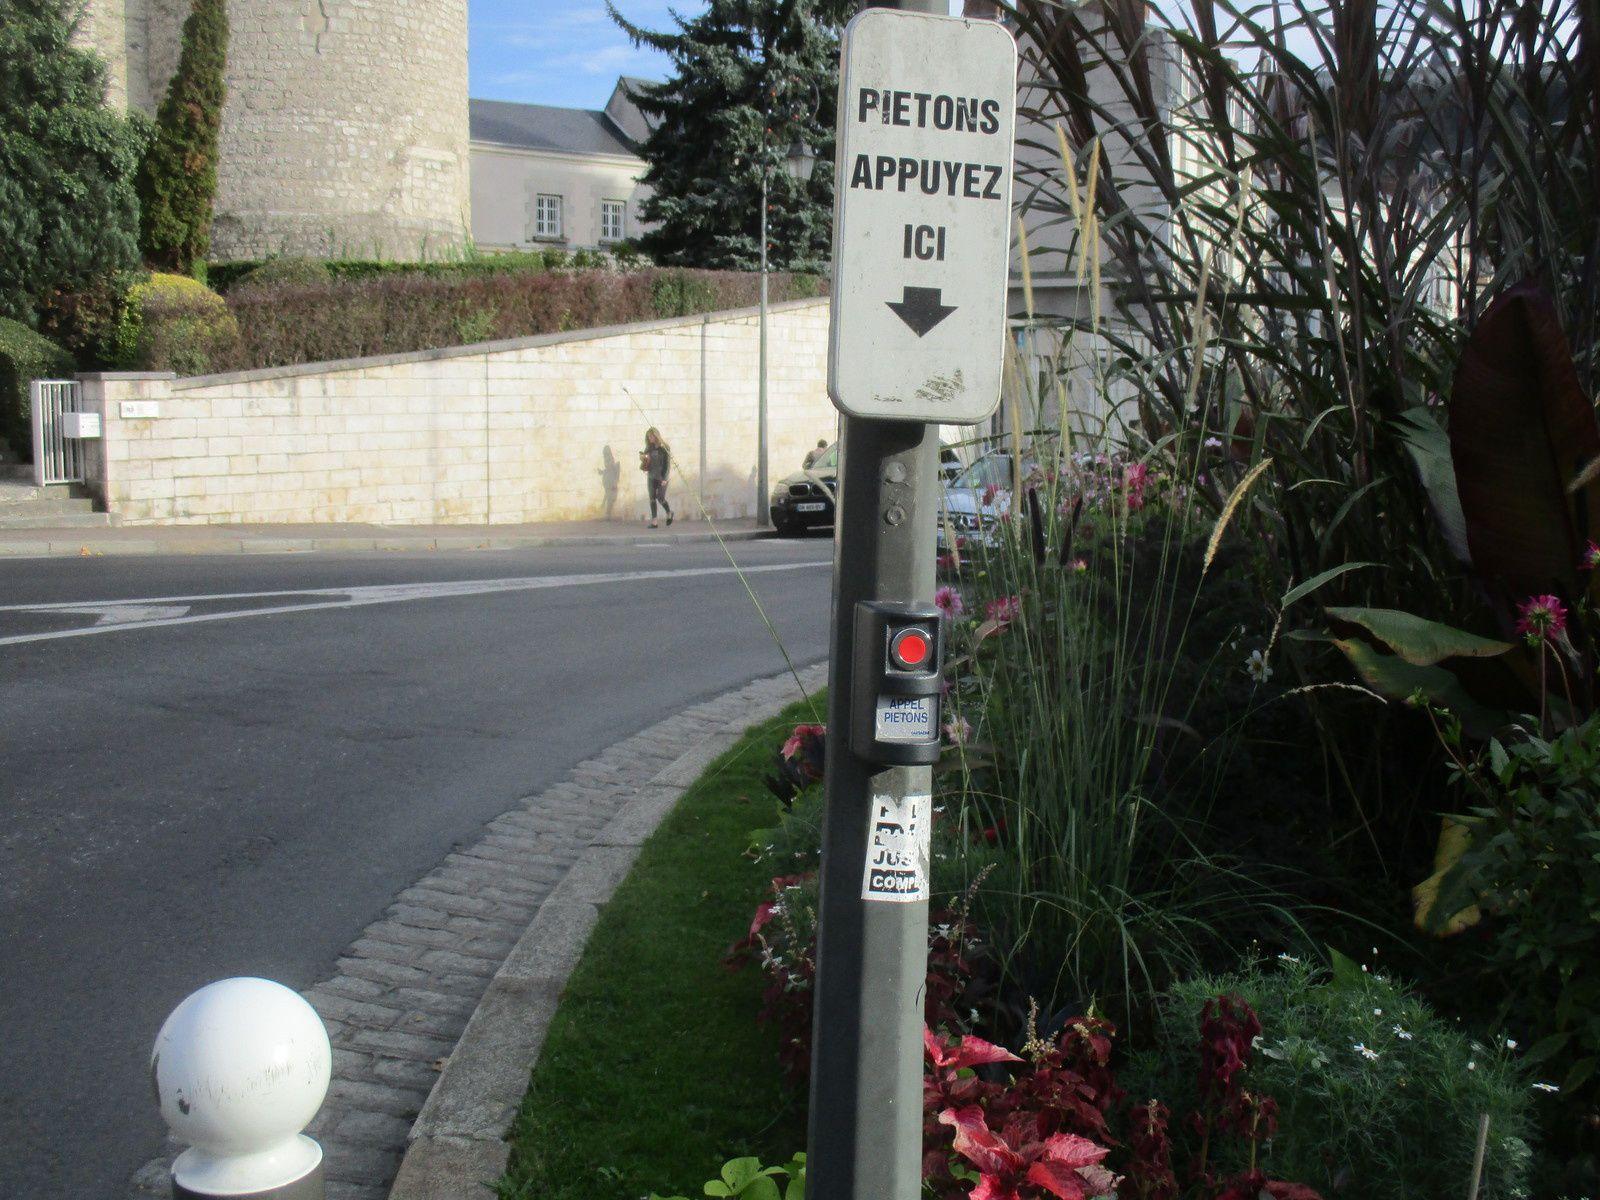 Blois, devant la Poste centre ville.  Il y a un problème de visibilité récurrent chaque automne, depuis des années... Le risque d'accident entre piéton et automobilsite est pour quand ?